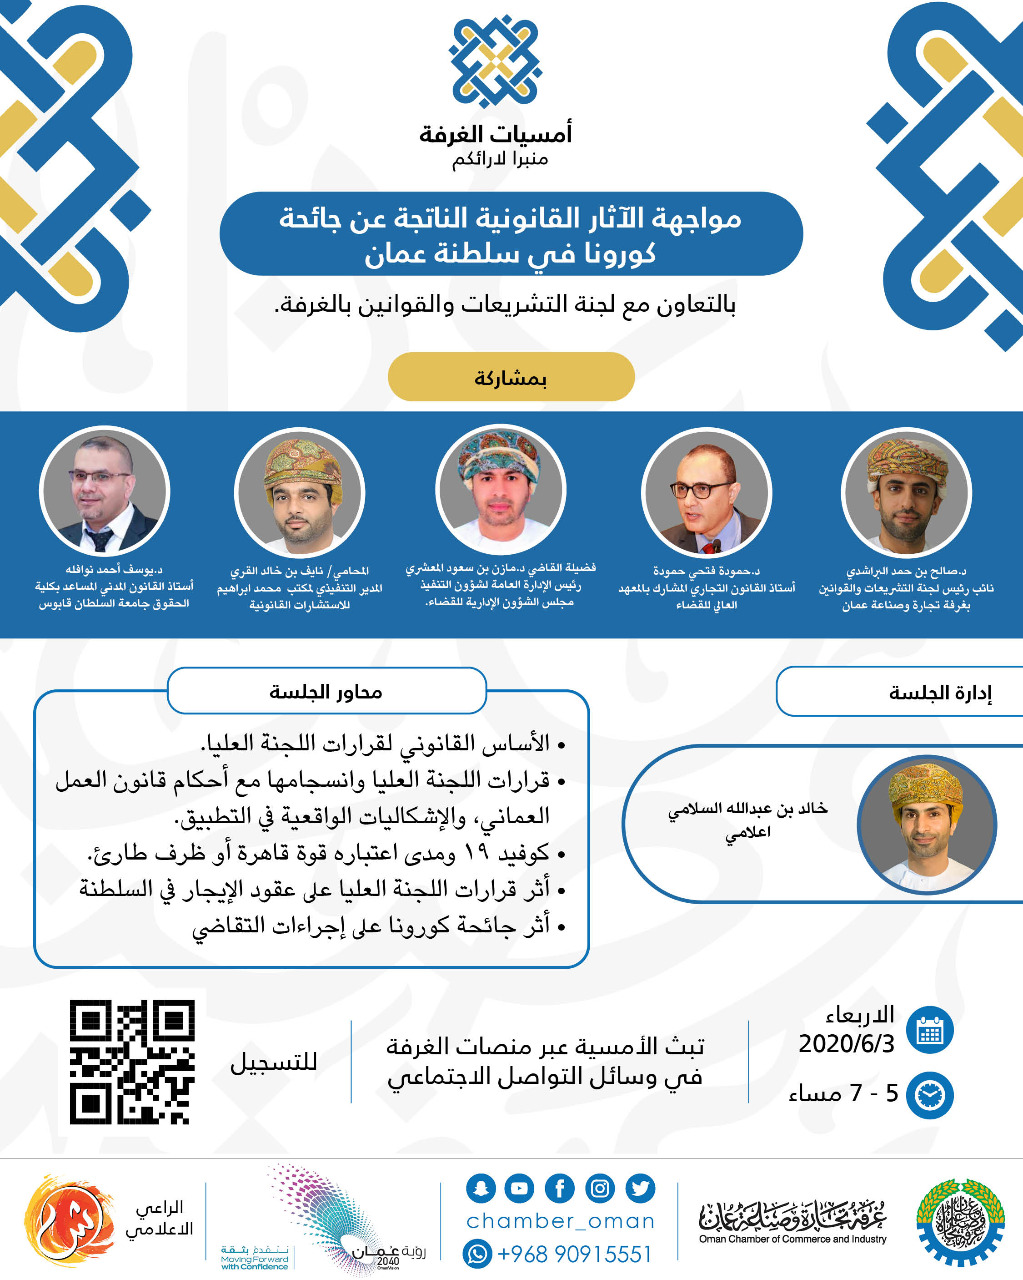 """الغرفة تنظم أمسية """"مواجهة الآثار القانونية الناتجة عن جائحة كورونا في سلطنة عمان"""""""